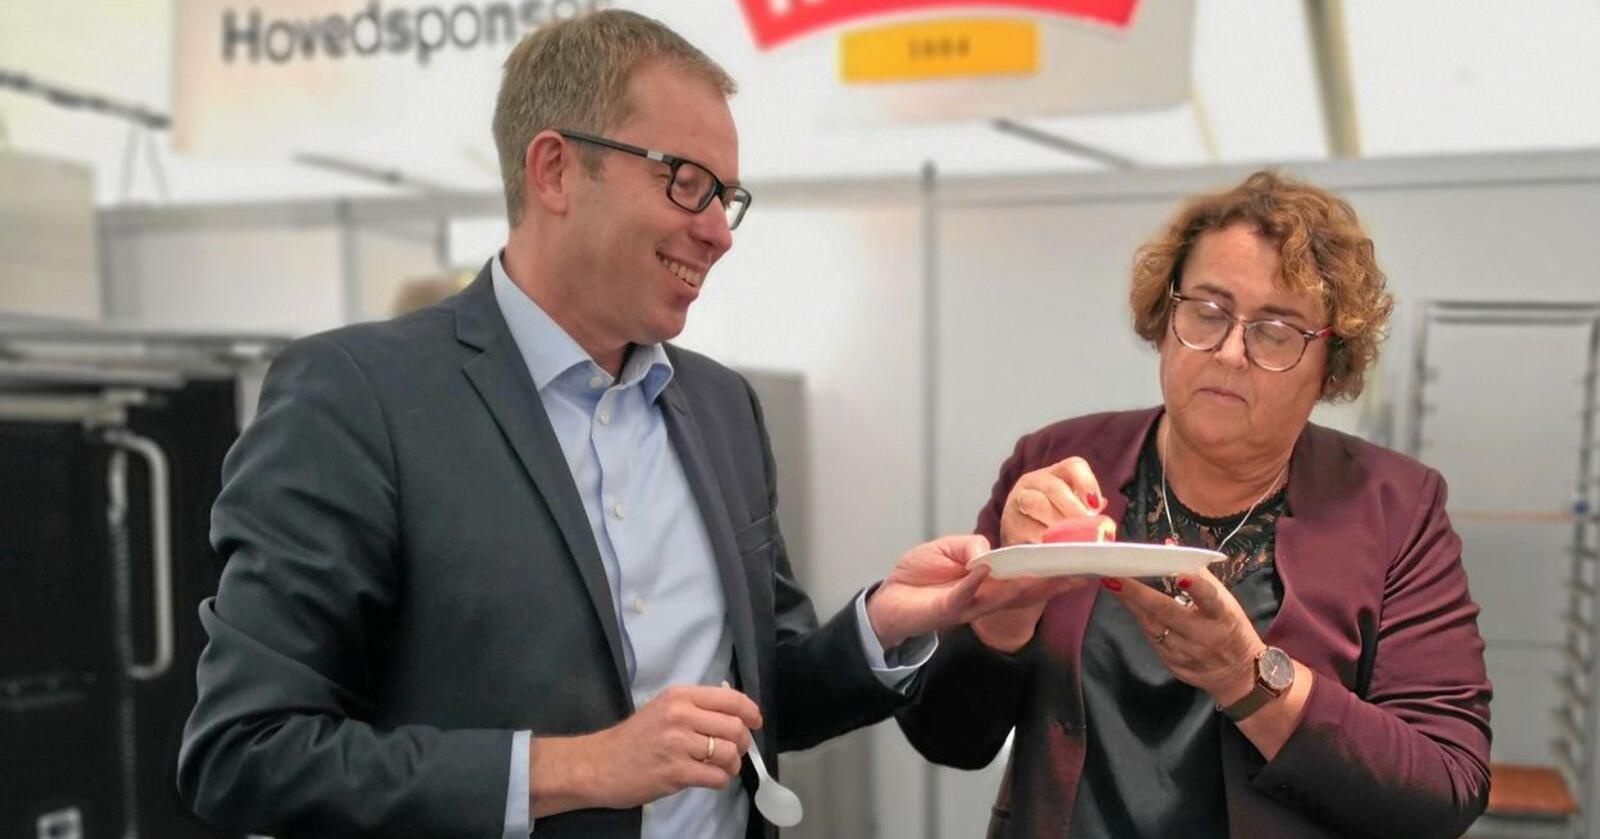 Festivalen Matstreif vart sist arrangert i Oslo i 2019. Landbruks- og matminister Olaug Bollestad (KrF), saman med Håkon Haugli, leiar i Innovasjon Norge. Foto: Jon-Fredrik Bækgaard Klausen